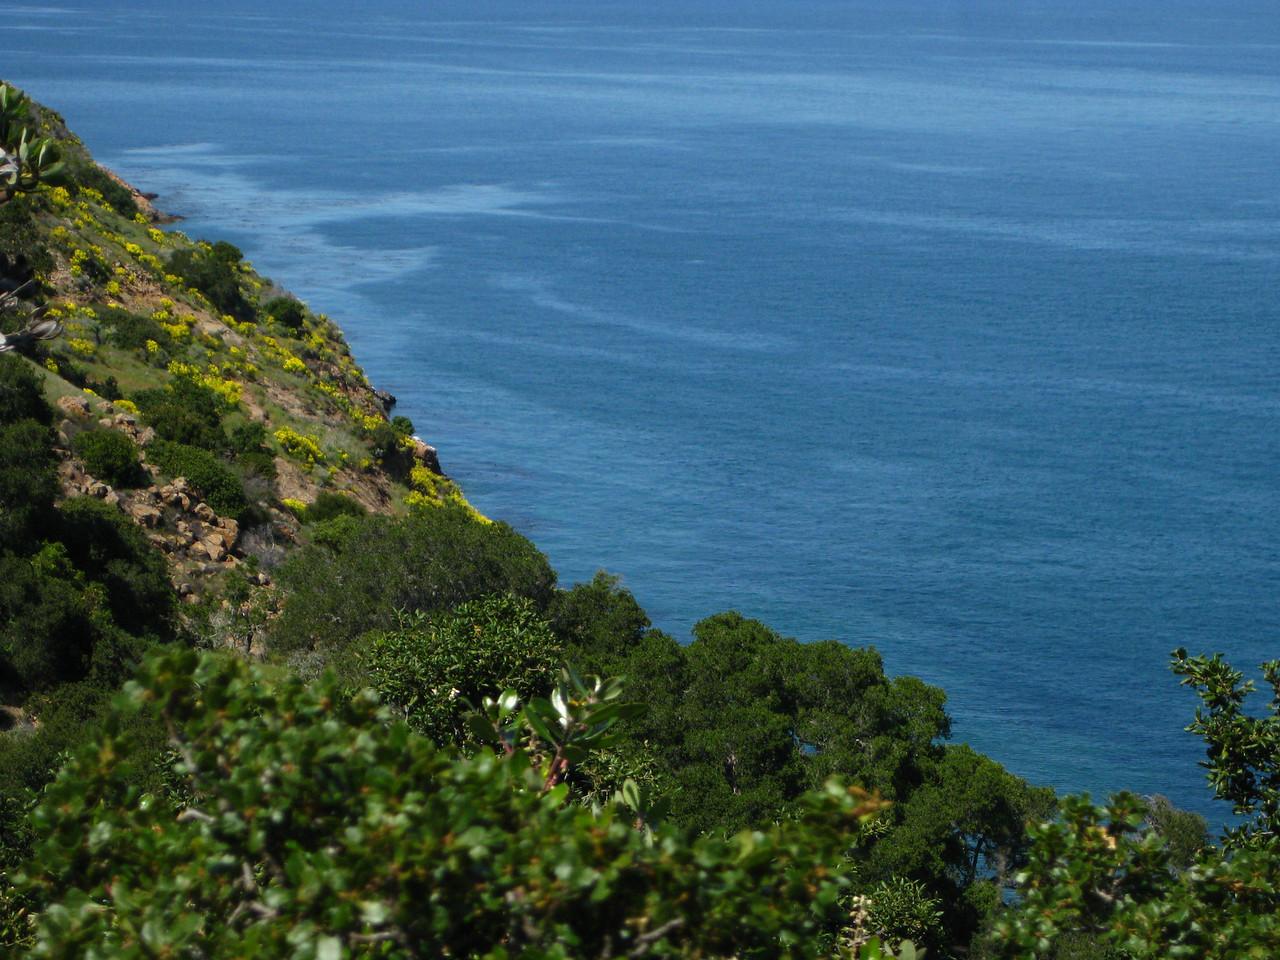 Pristine coastline of Santa Cruz Island.